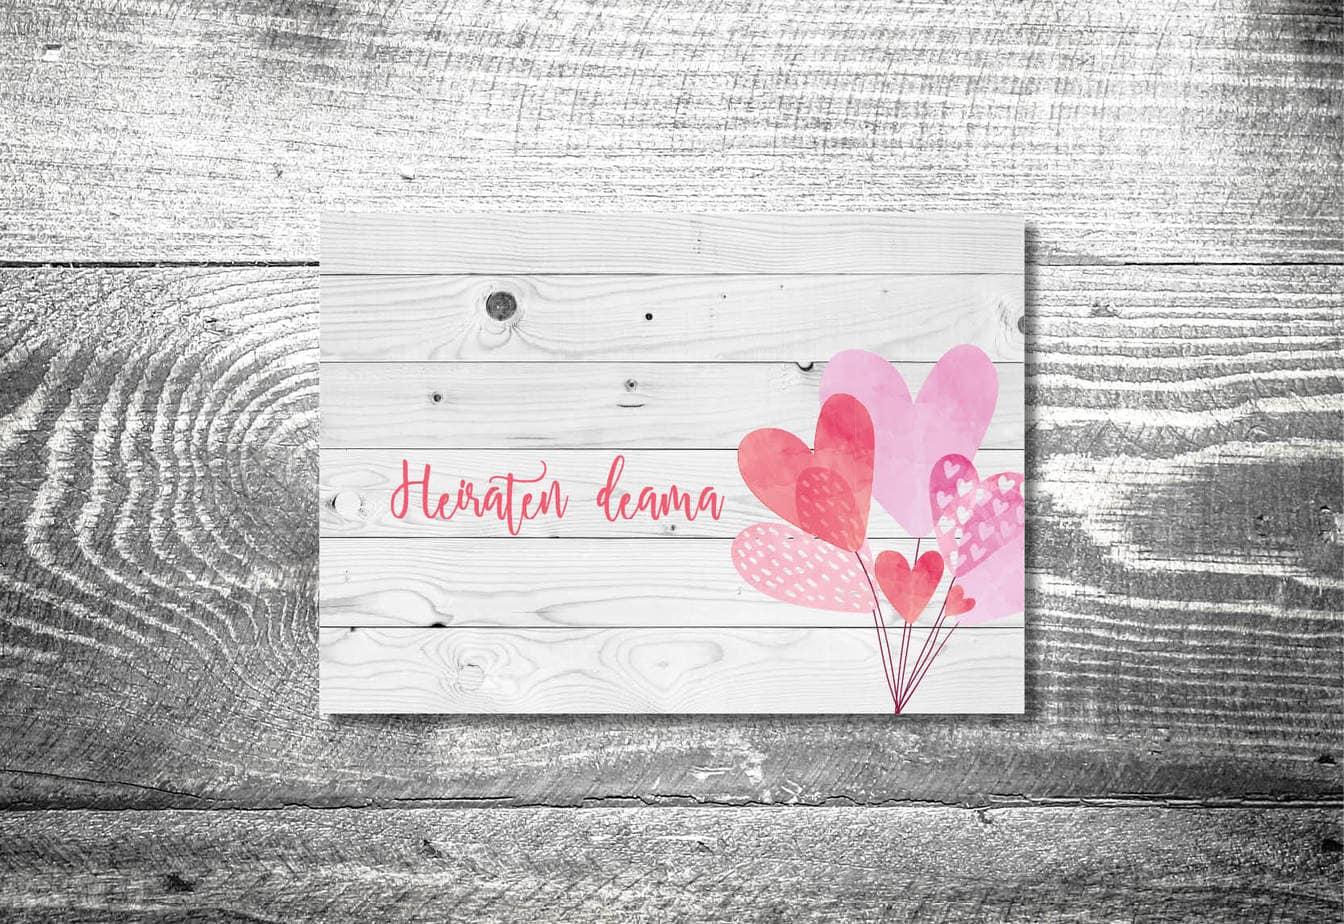 kartlerei karten drucken hochzeitseinladung heiraten bayern bayerisch heimatgefuehl hochzeit57 - Hochzeitskarten Set